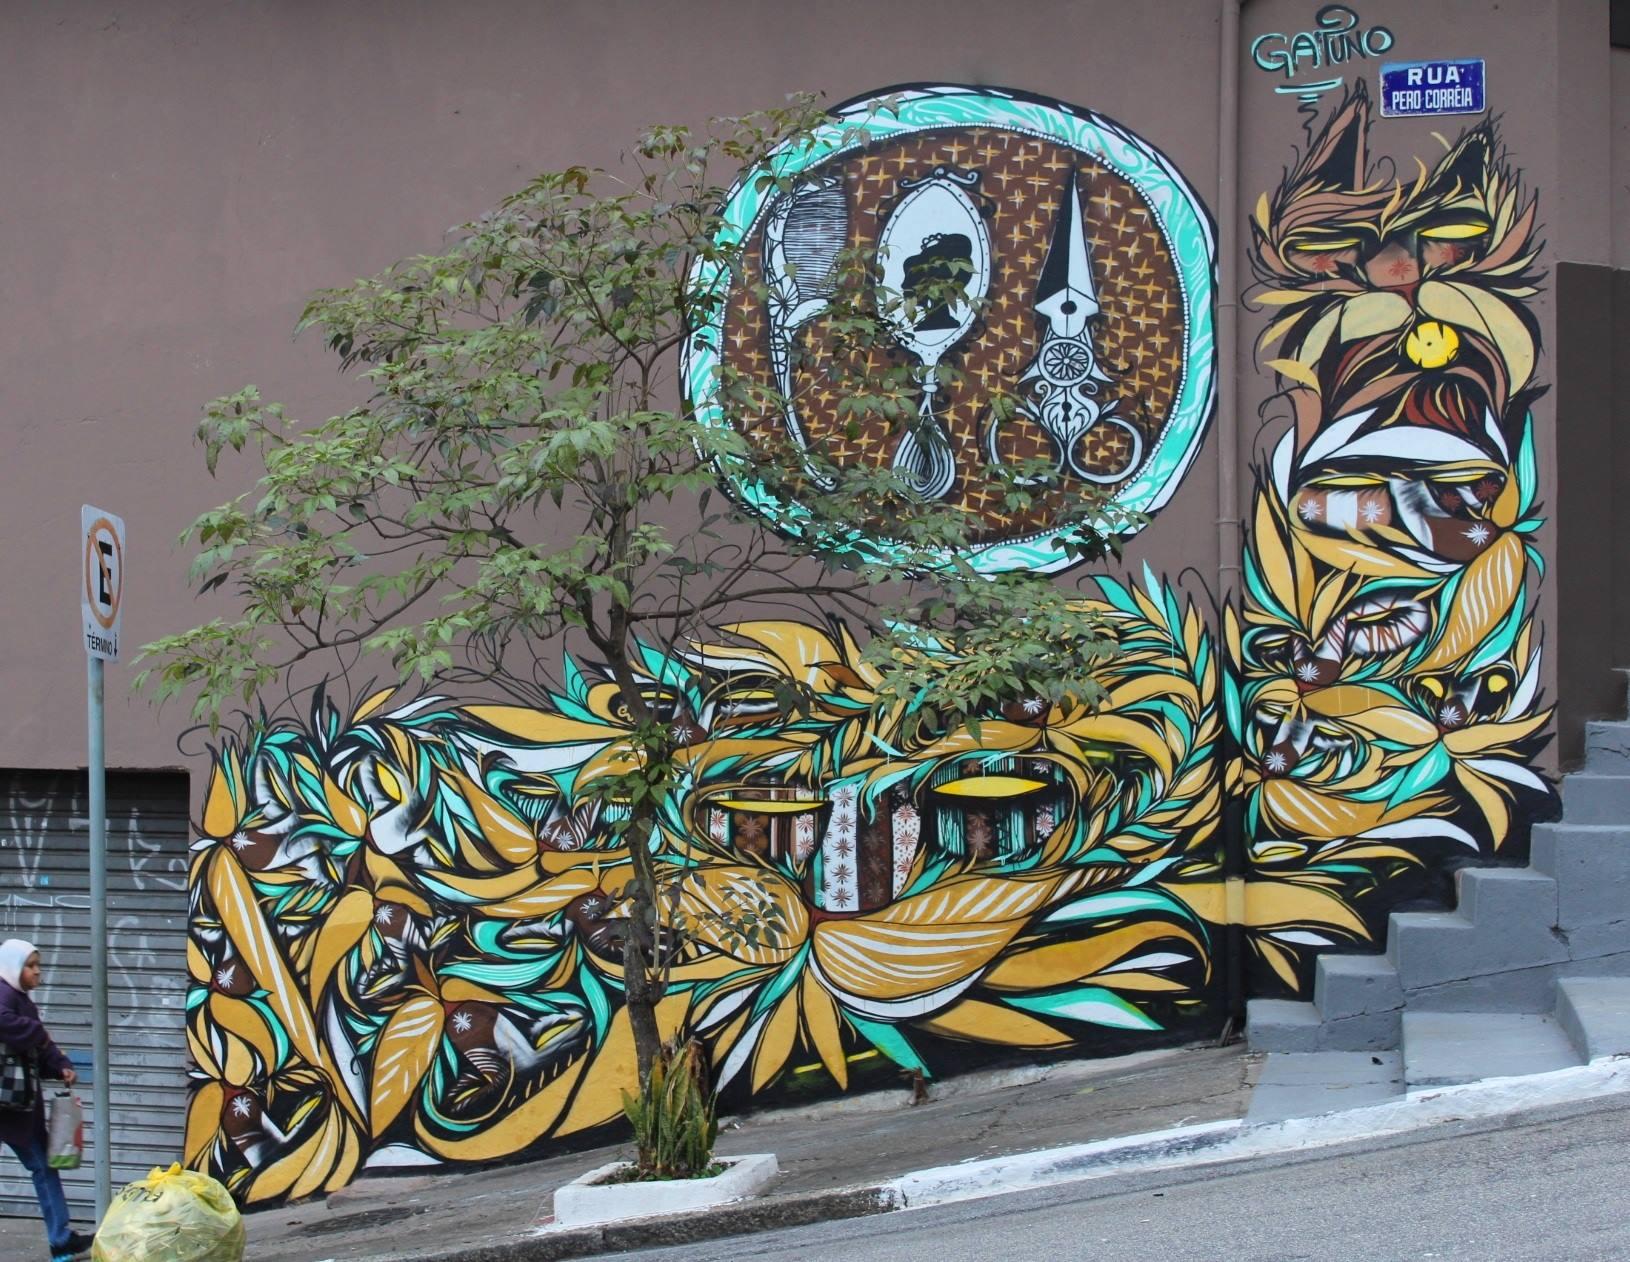 gatuno graffiti pintura escultura tattoo (13)